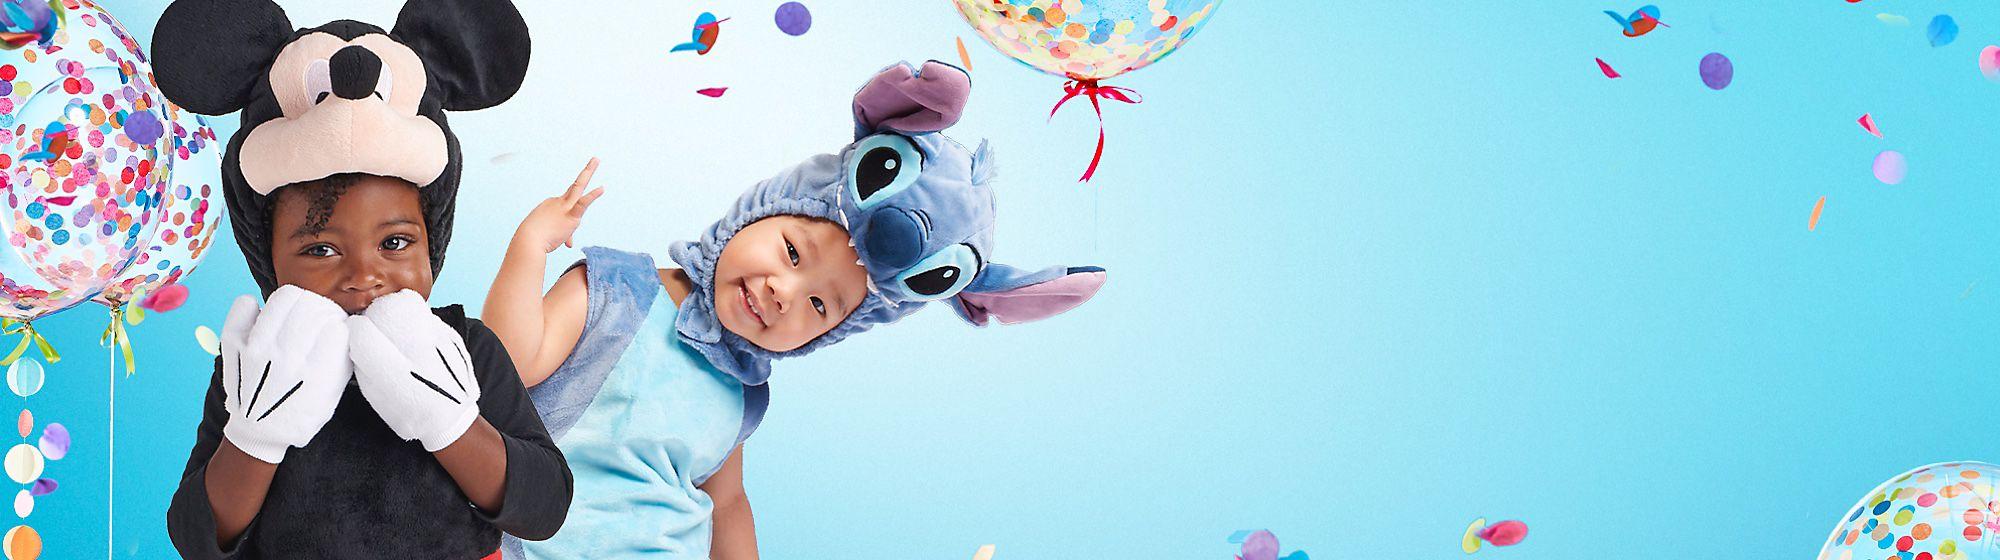 Babykostüme Durchstöbere unser Sortiment an Verkleidungen und Faschingskostümen für Babys und entdecke all deine Lieblingsfiguren wie Schneewittchen, Winnie Puuh, Tinkerbell und viele mehr.